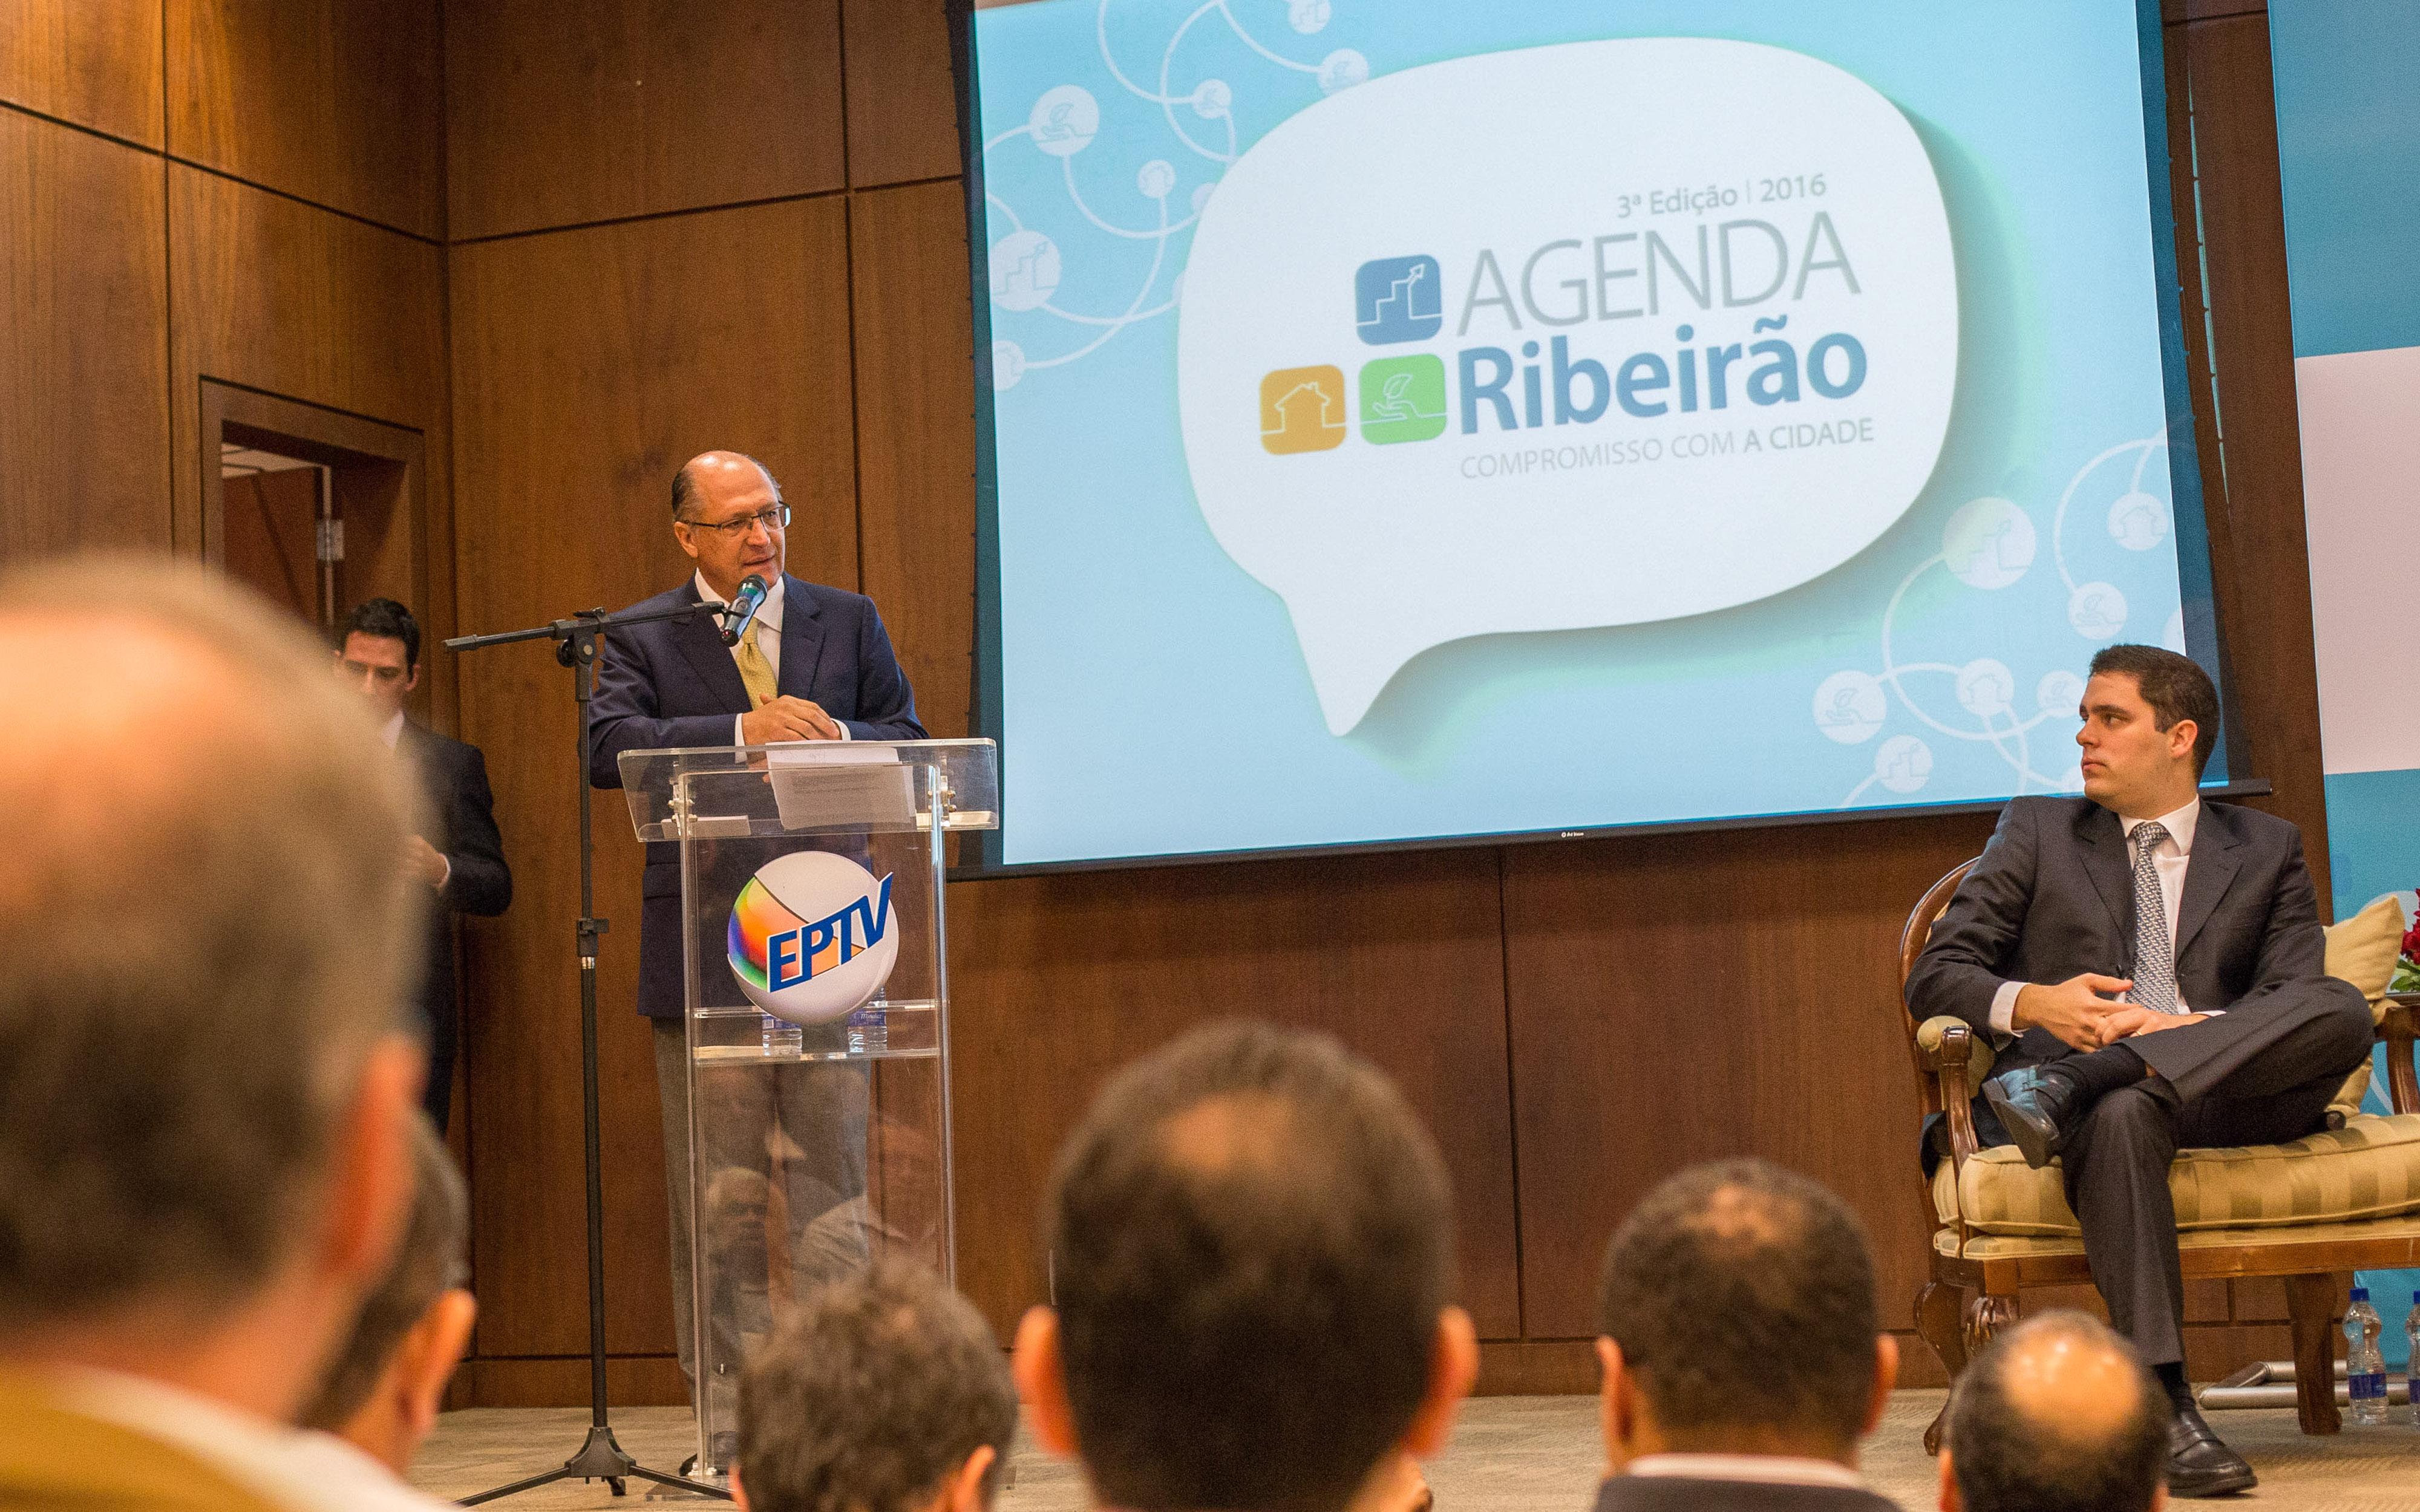 Região Metropolitana de Ribeirão Preto será composta por 34 municípios